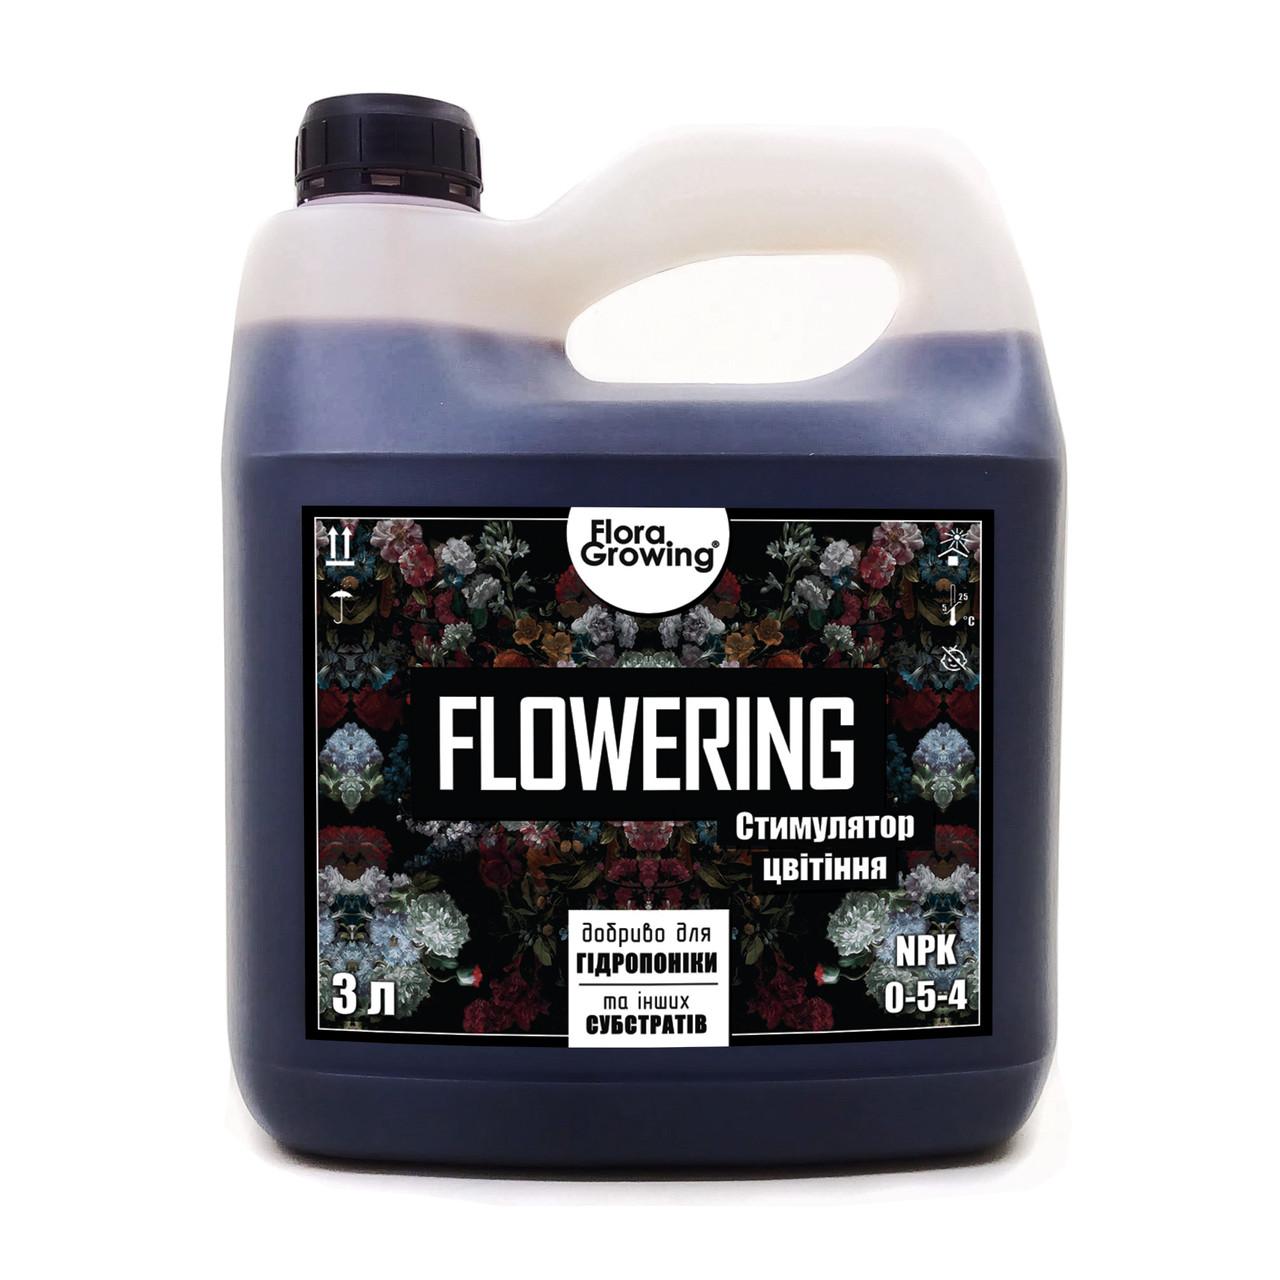 3 л Flowering - Стимулятор цветения для гидропоники и почвы аналог Ripen